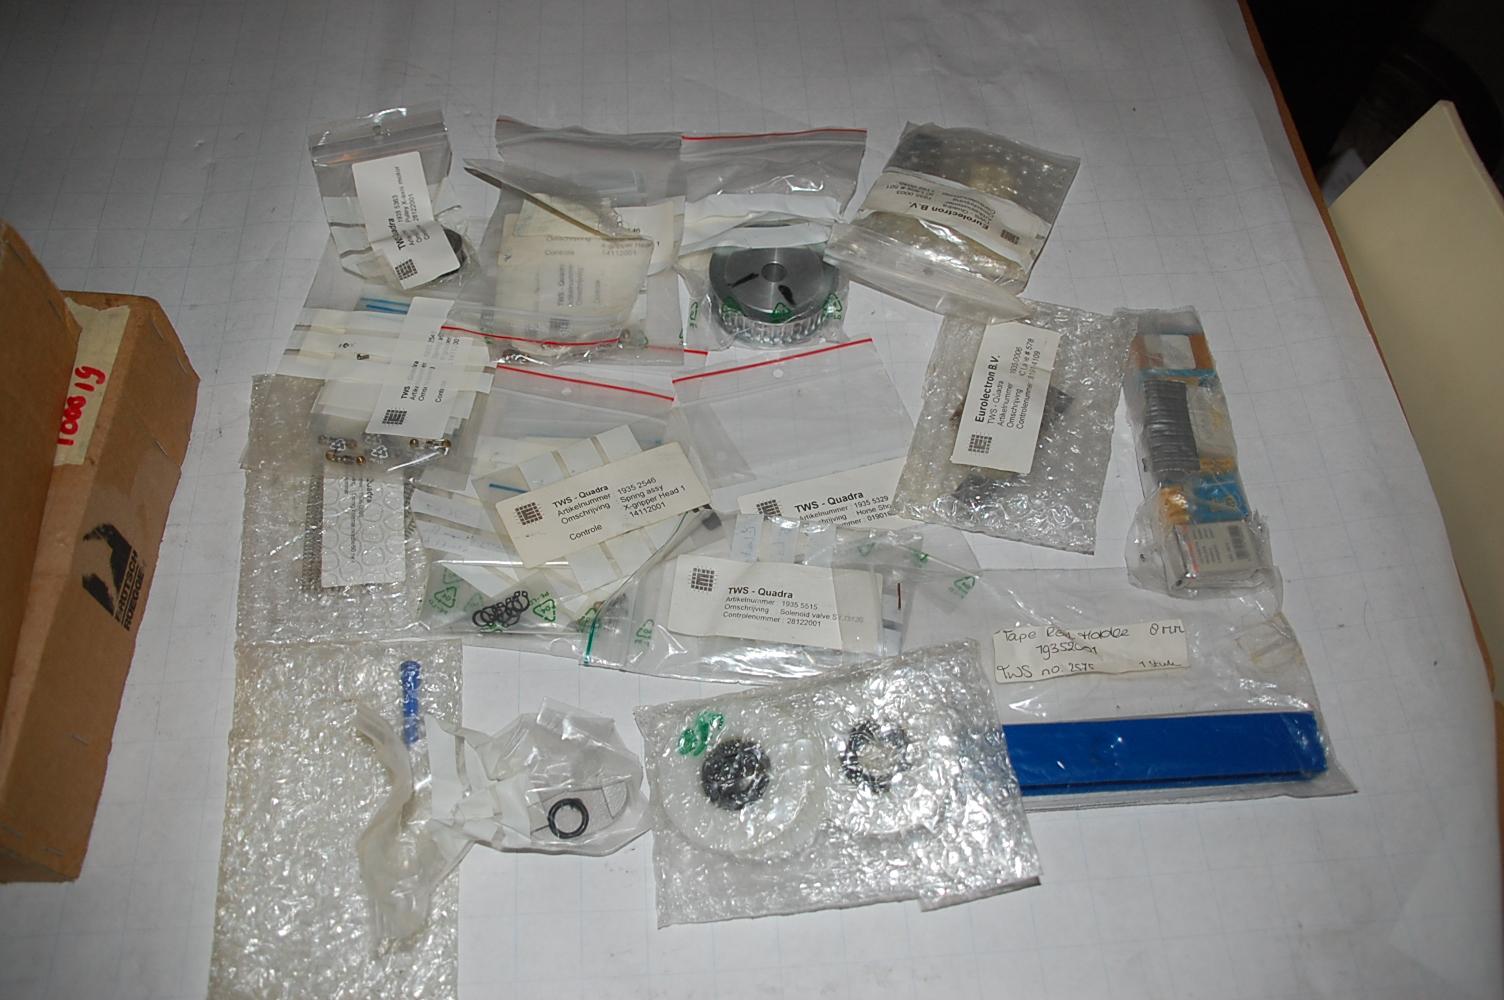 TWS Quadra various spare parts